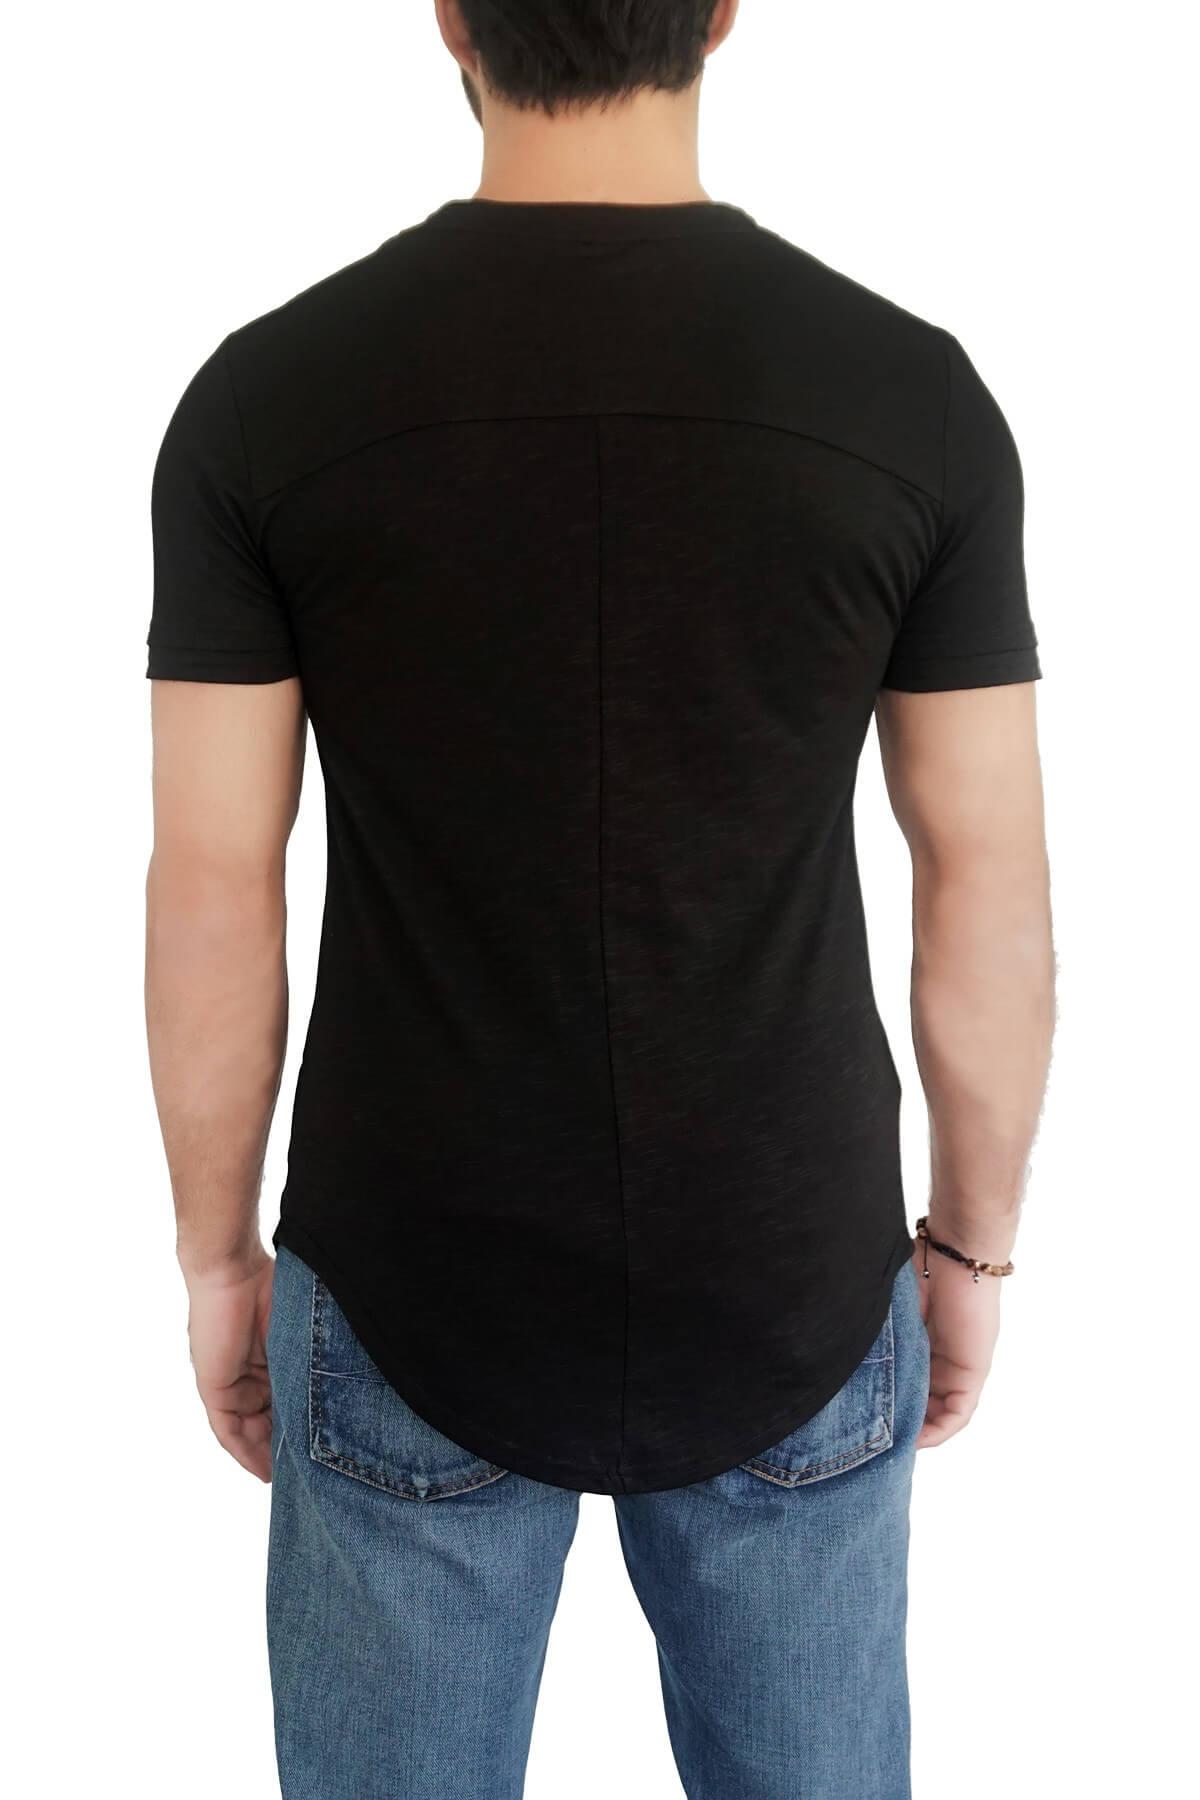 MOF Erkek Siyah T-Shirt ÇVYÇKT-S 2